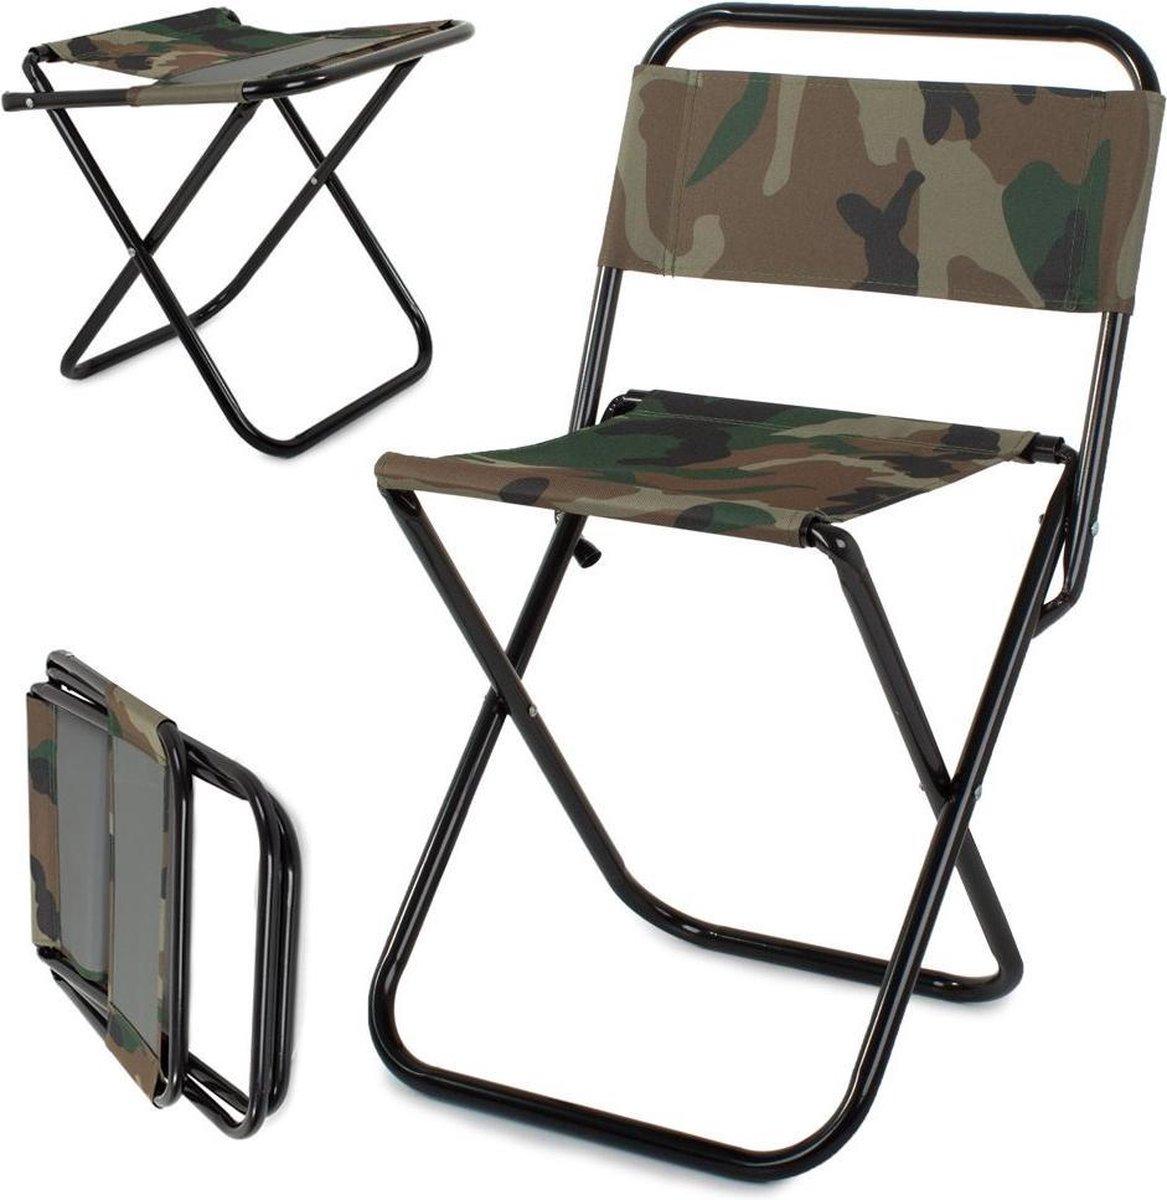 Toeristische vissersstoel krukje- Viskrukje- Visstoeltje- Vissen- Camping Stoeltje-Camping